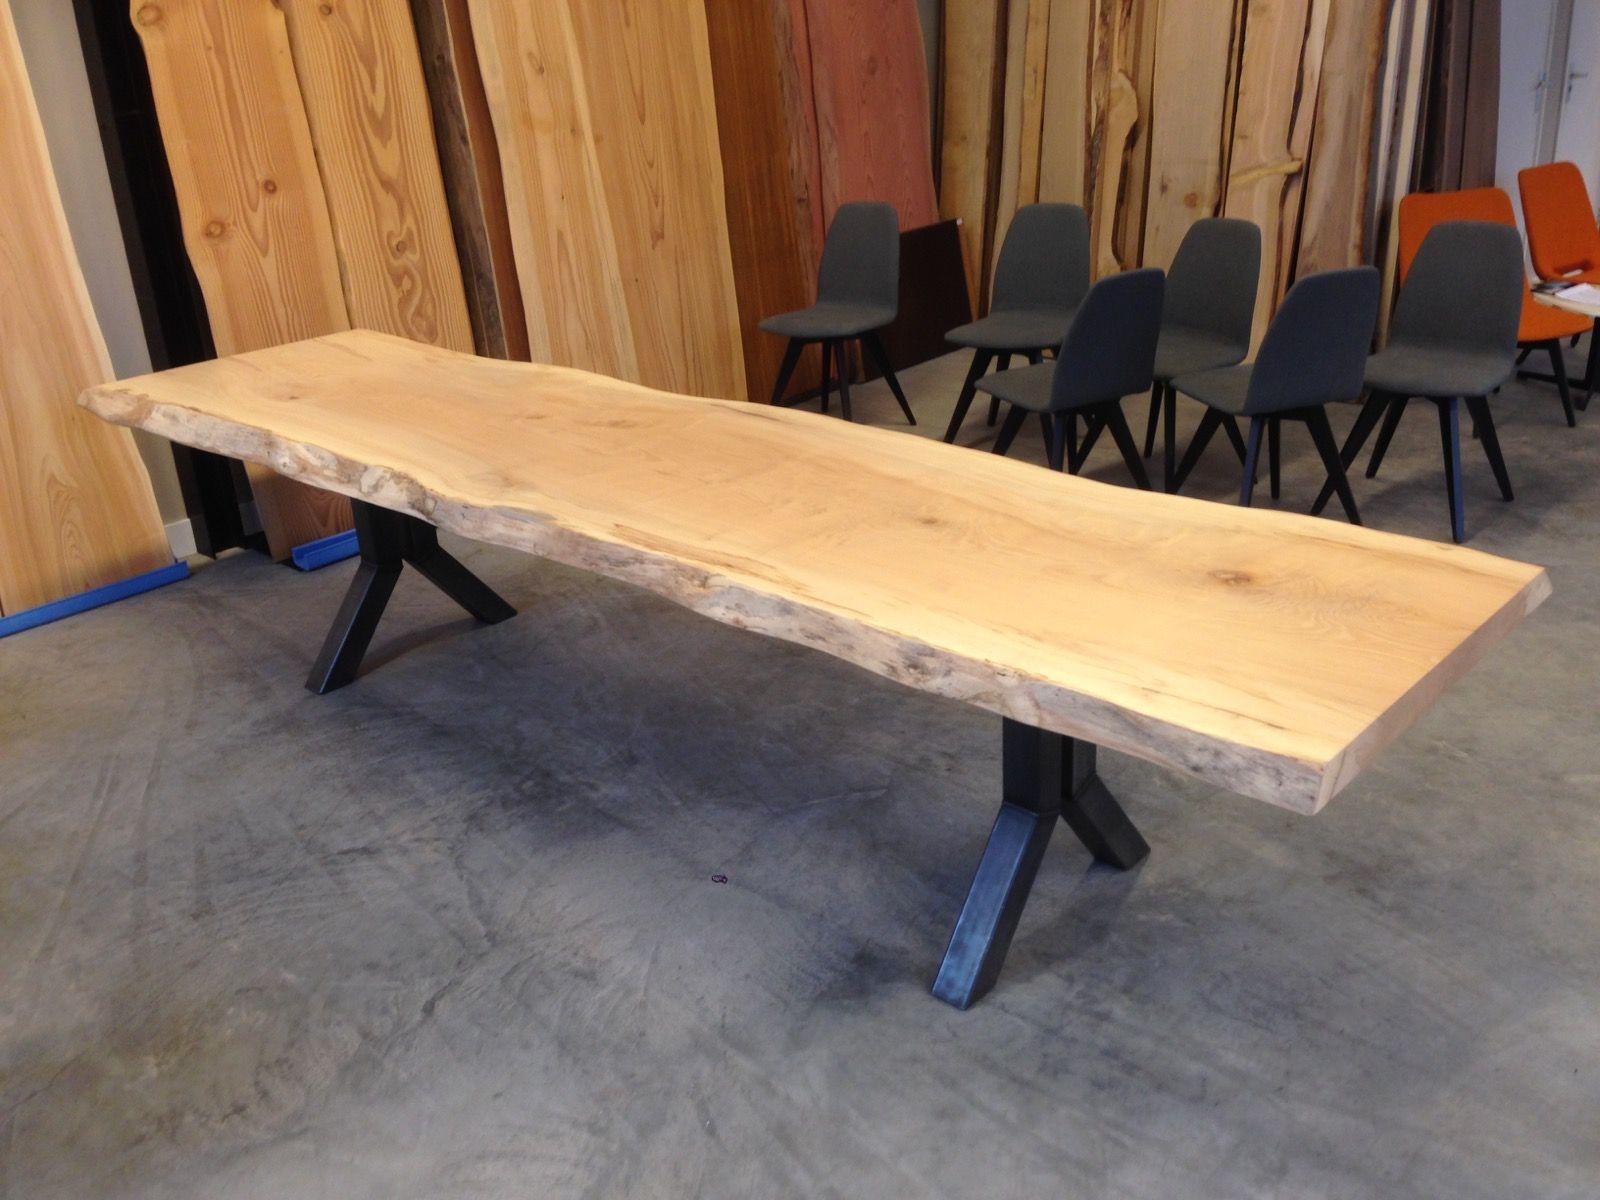 Tafel Uit Een Stuk Hout.Maple Tafel Uit 1 Stuk Hout 345 X 90 X 6 Cm Stalen Y Poot Tafels